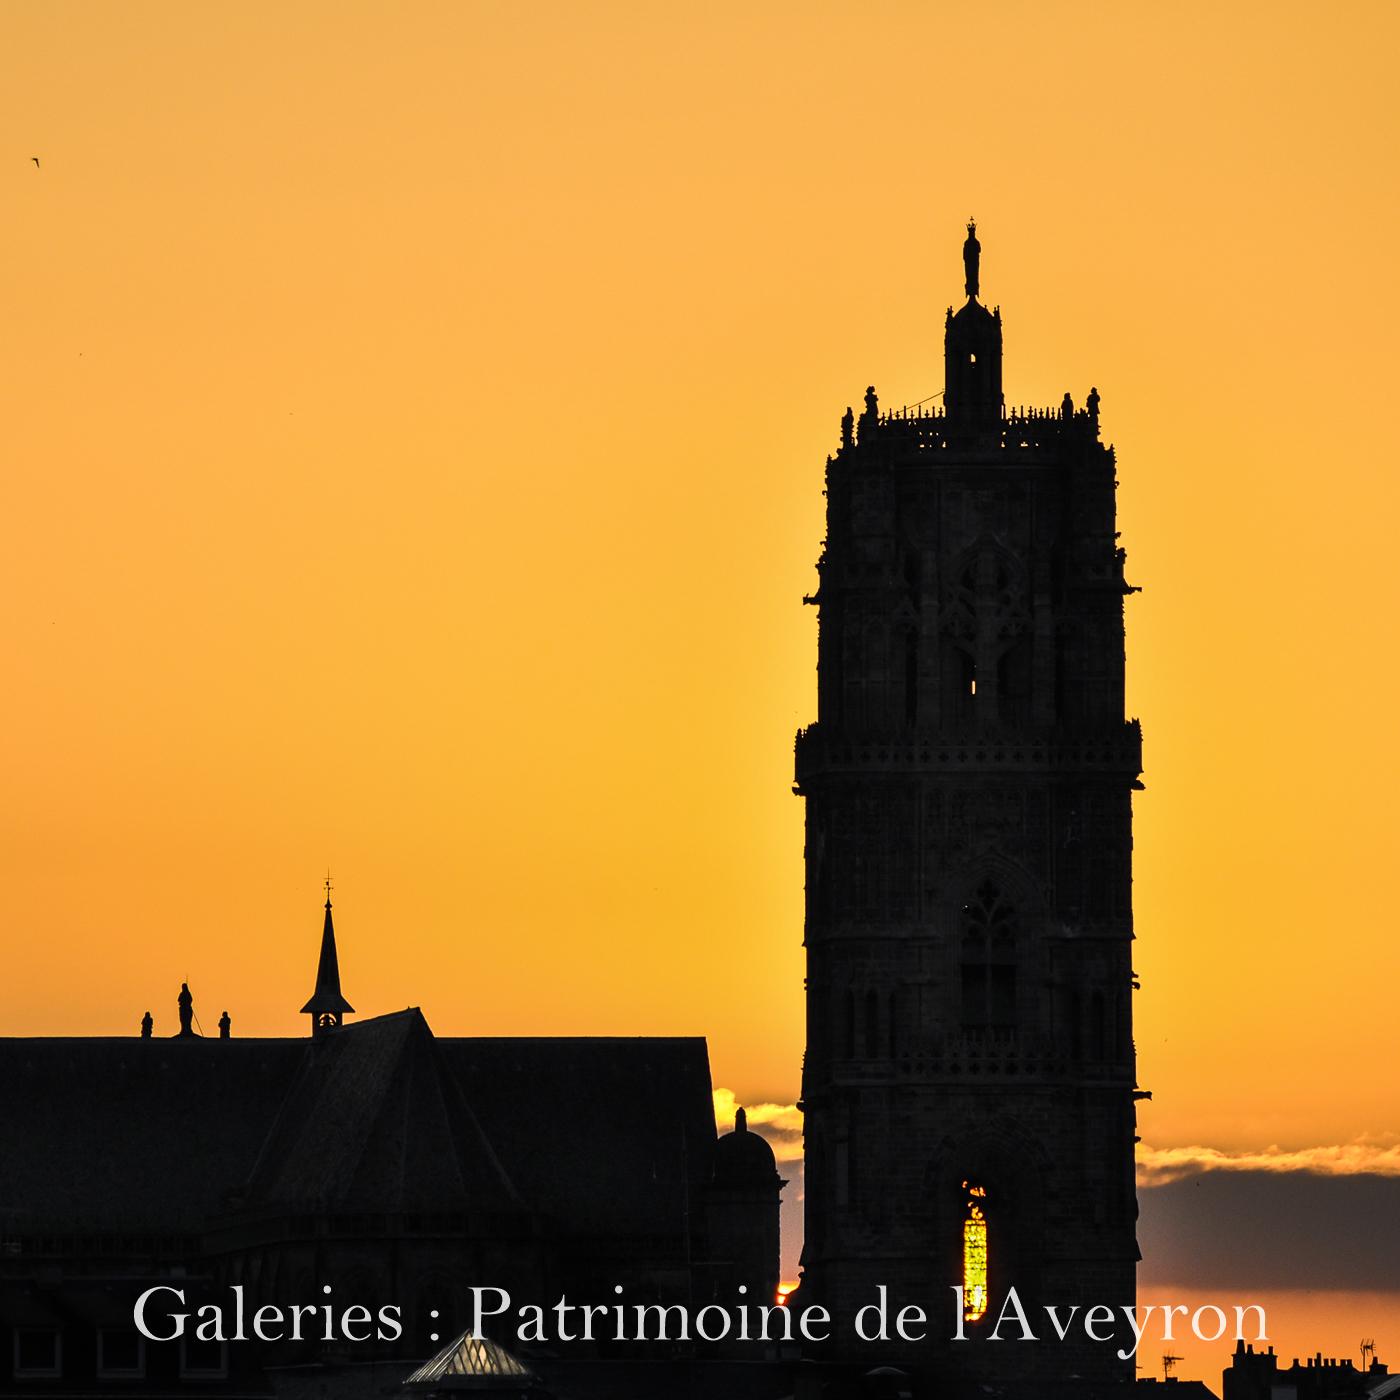 Cliquez ici pour accéder à la galerie : Patrimoine de l\\\'Aveyron